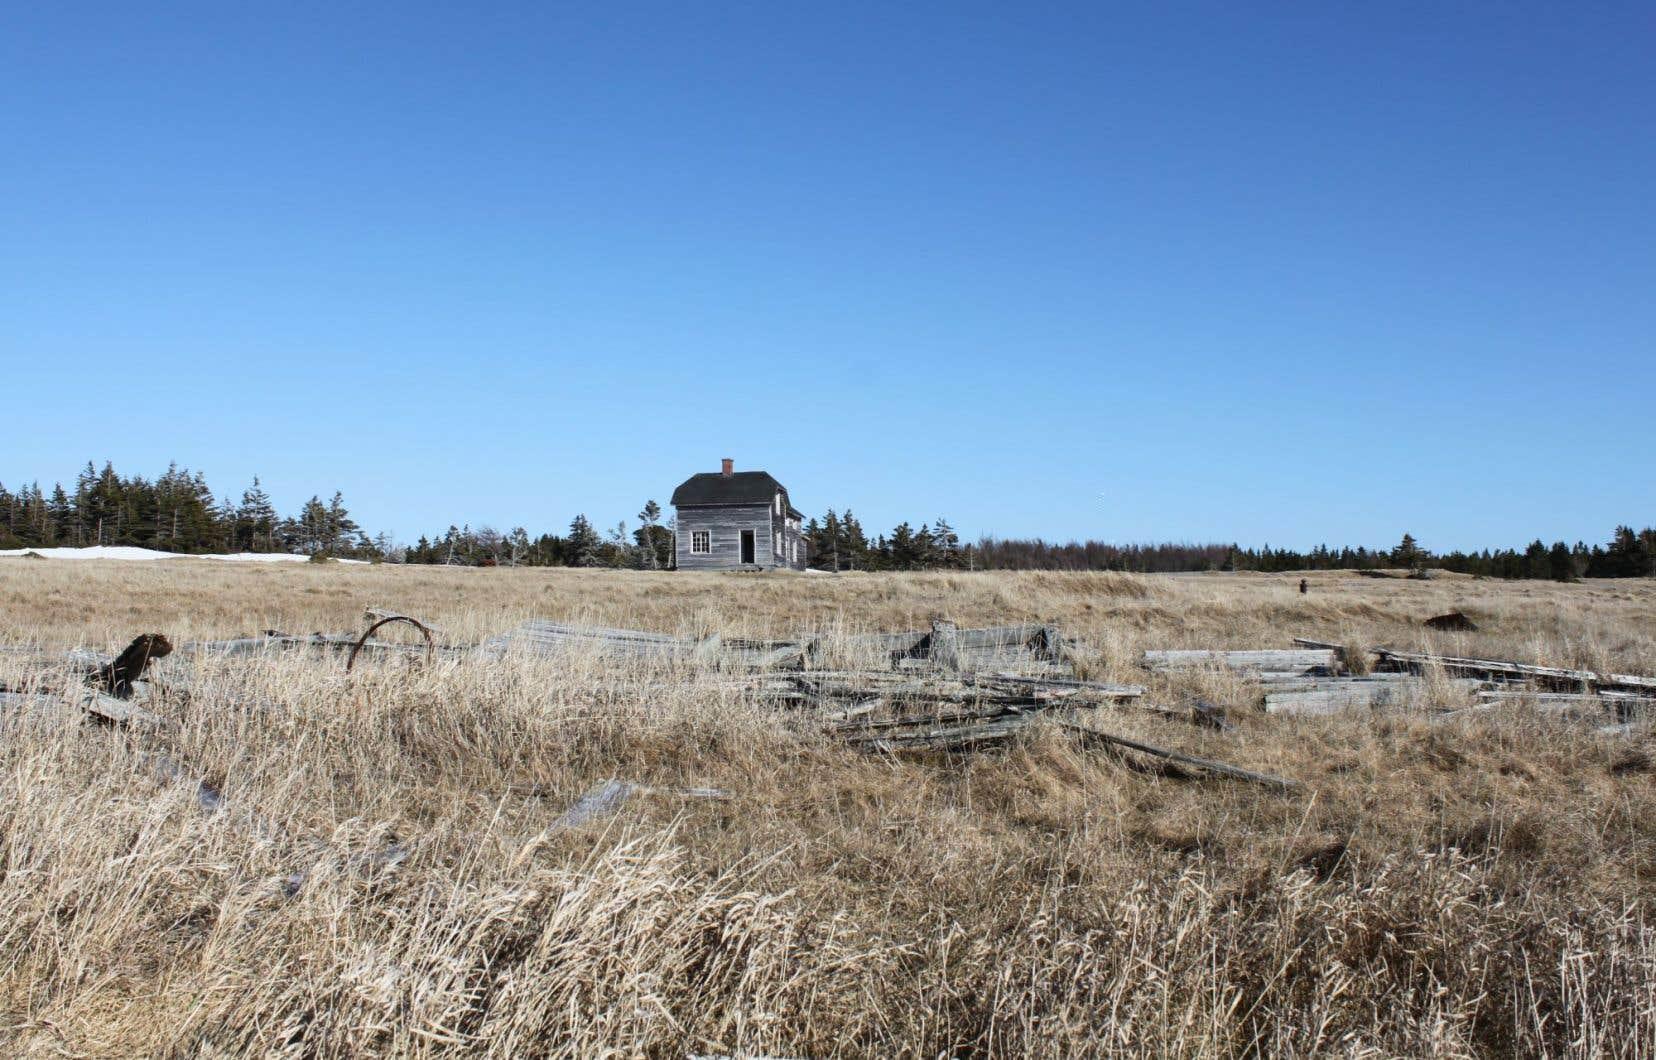 Pétrolia espère d'ailleurs toujours que les forages prévus en 2016 pourront être réalisés.